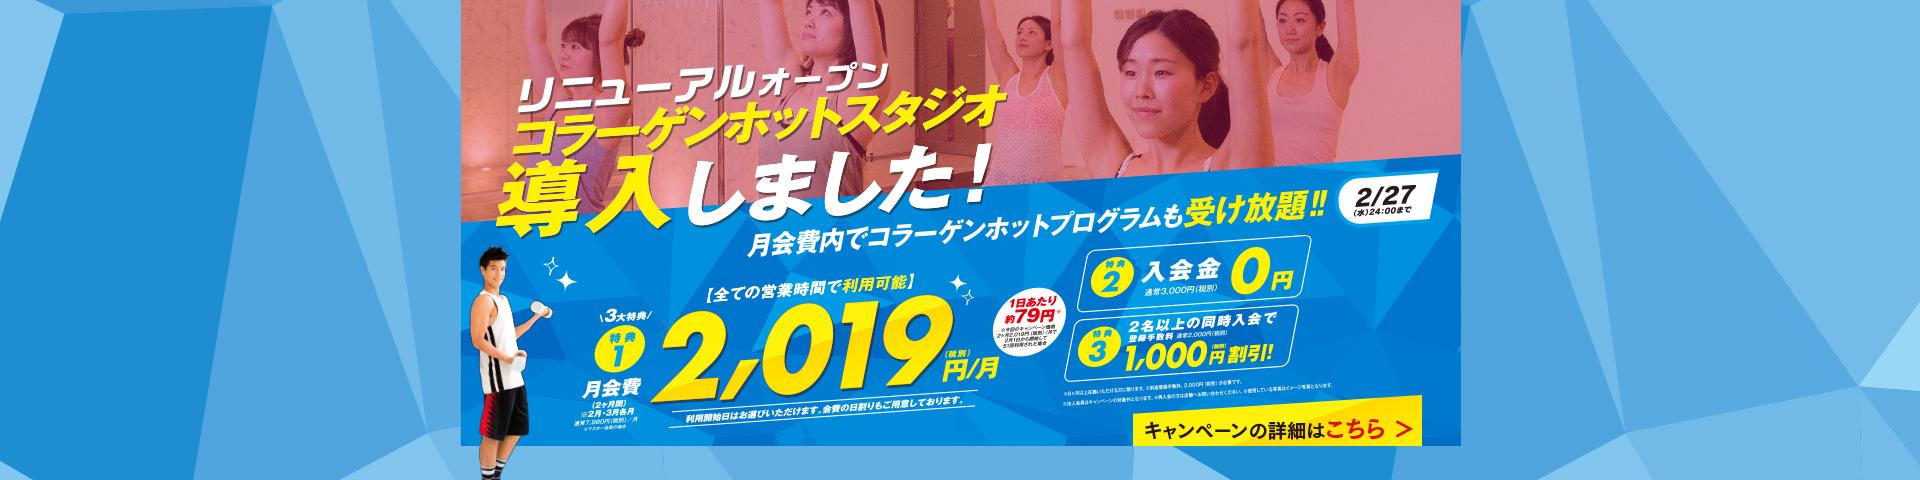 2019年2月キャンペーン